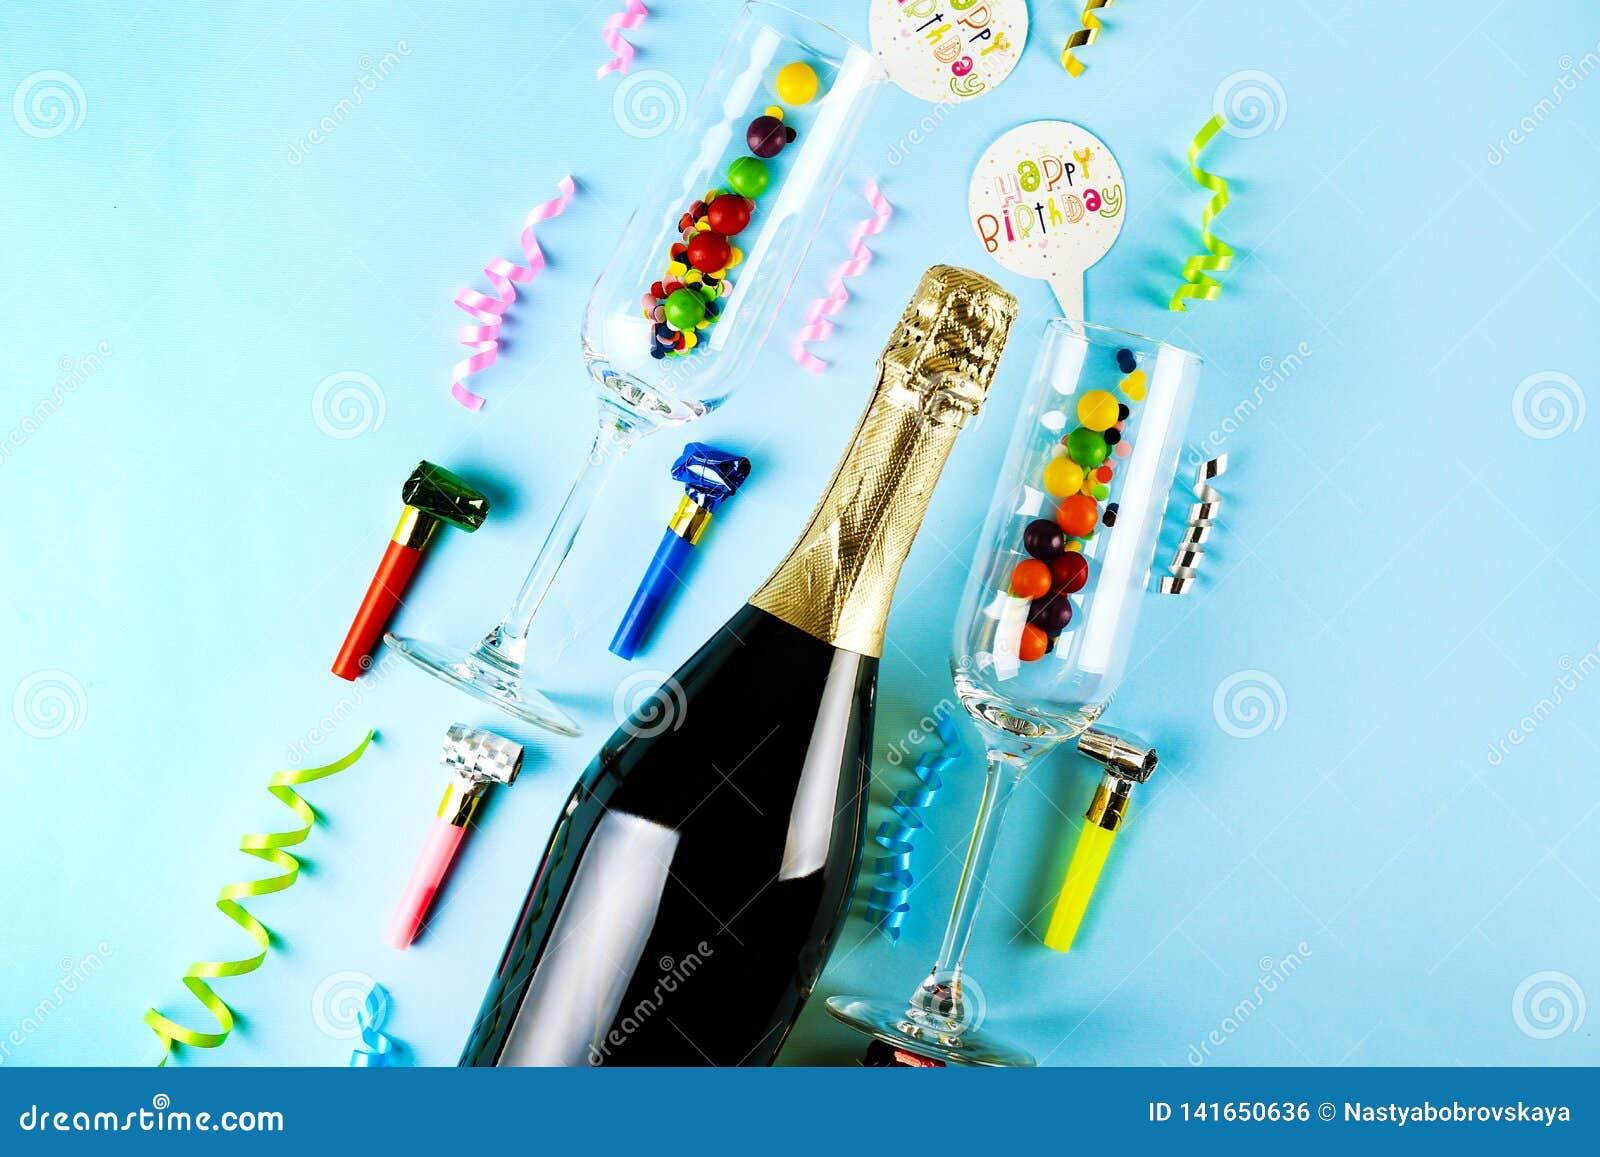 Fles champagne, paar fluitglazen, wimpels, kaarsen & andere partijeigenschappen op heldere roze document achtergrond toespraak